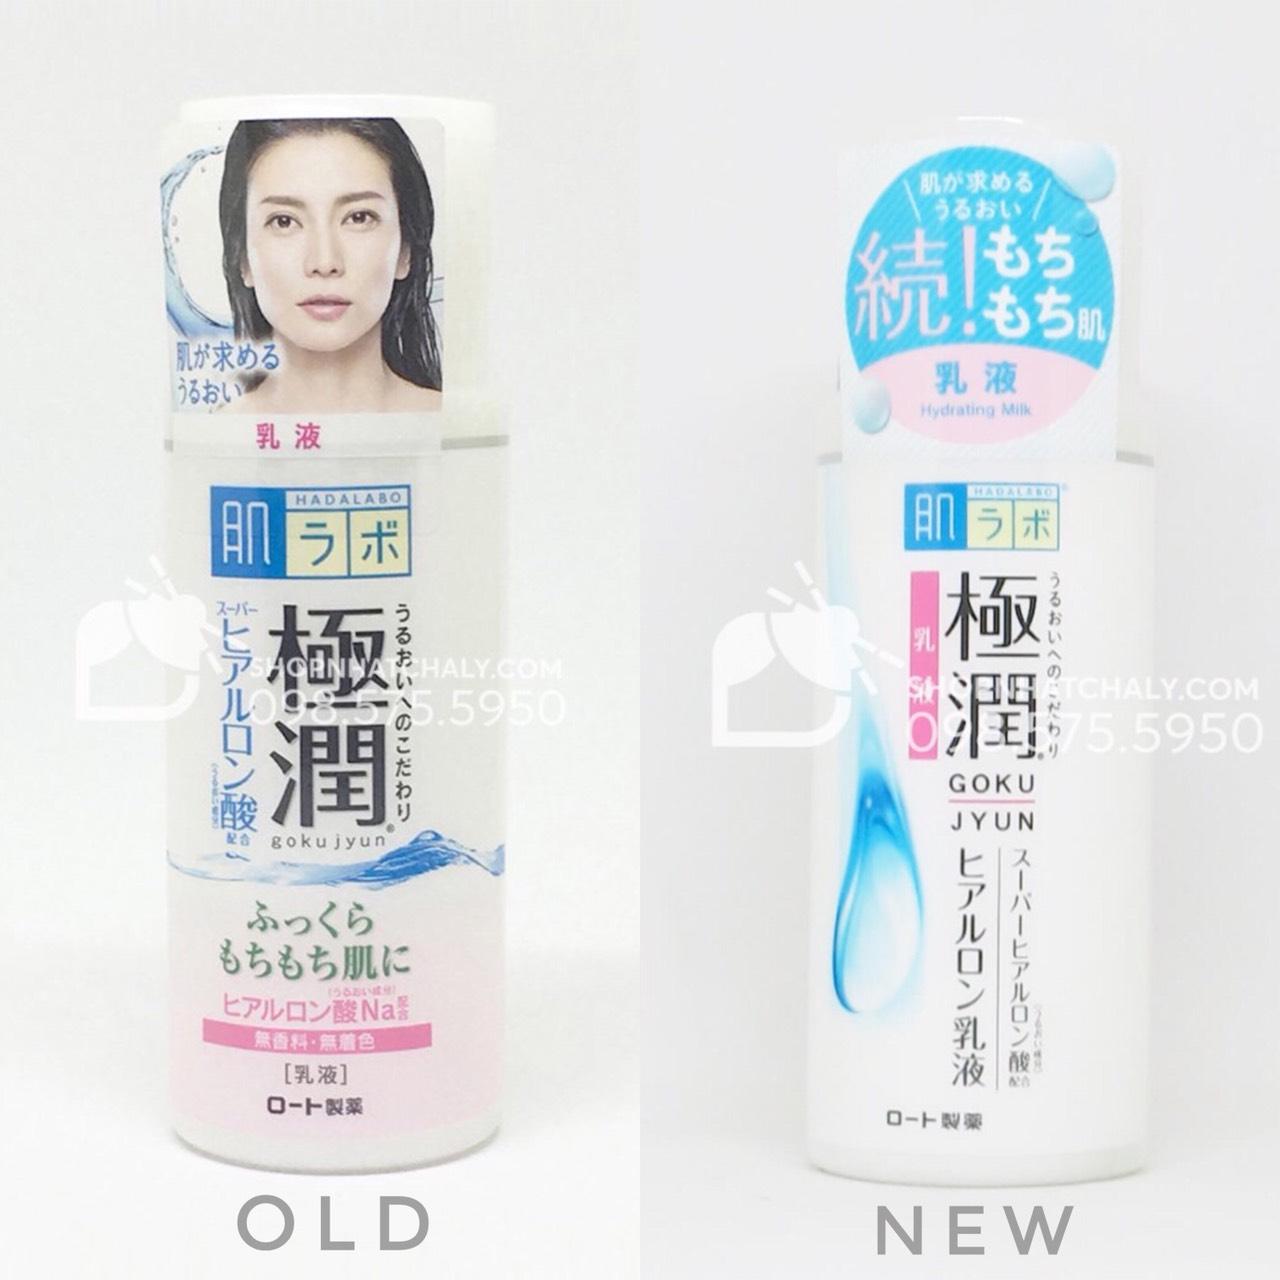 Sữa dưỡng Hada Labo màu trắng tại Shop Nhật Chaly là mẫu mới nhất 2019 (hình bên phải)